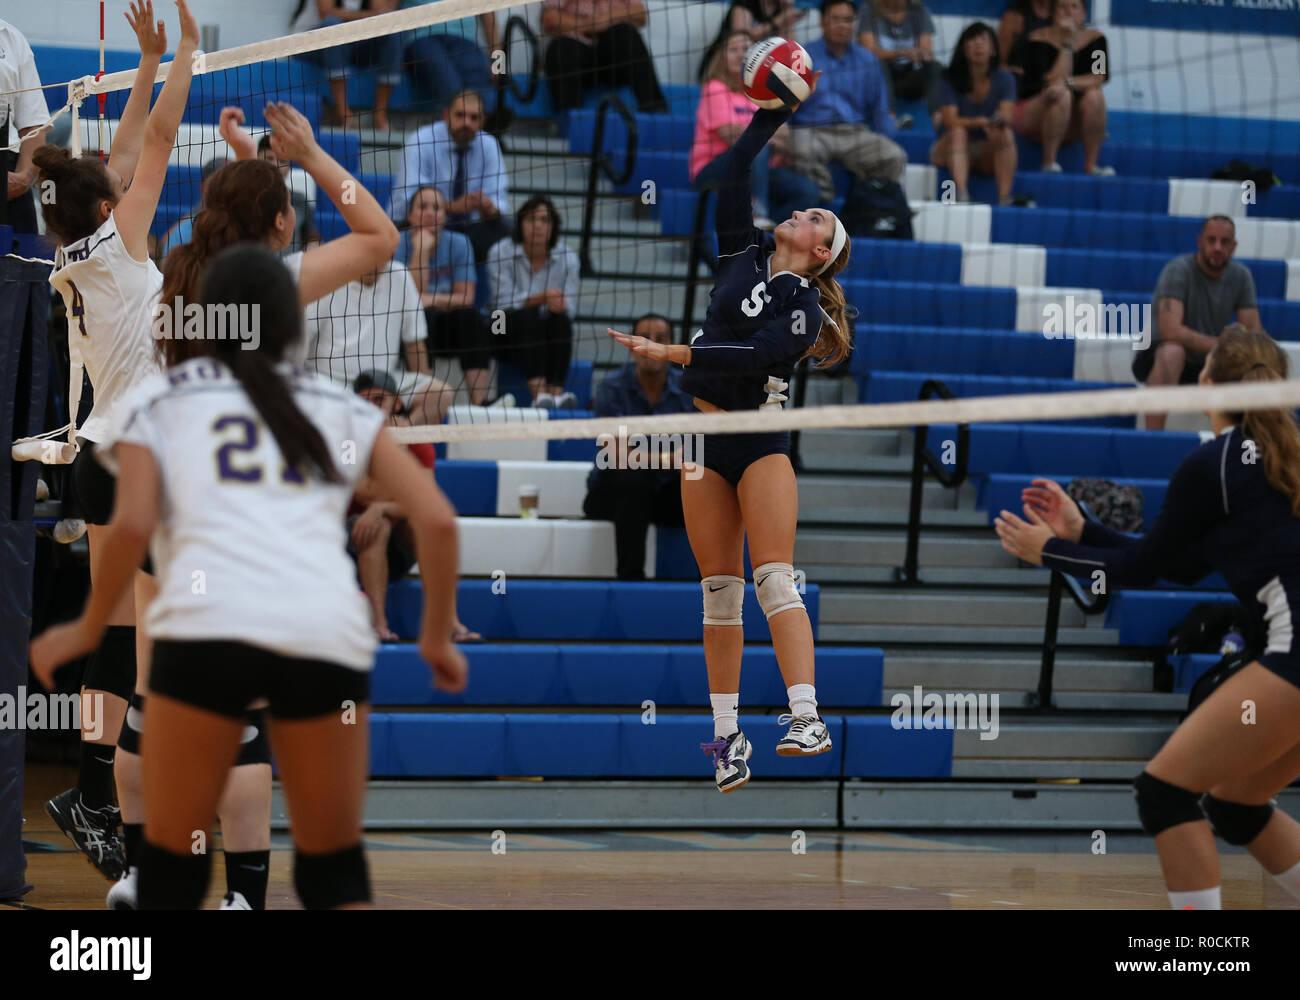 Girls high school juego de voleibol en el gimnasio de una escuela secundaria Imagen De Stock